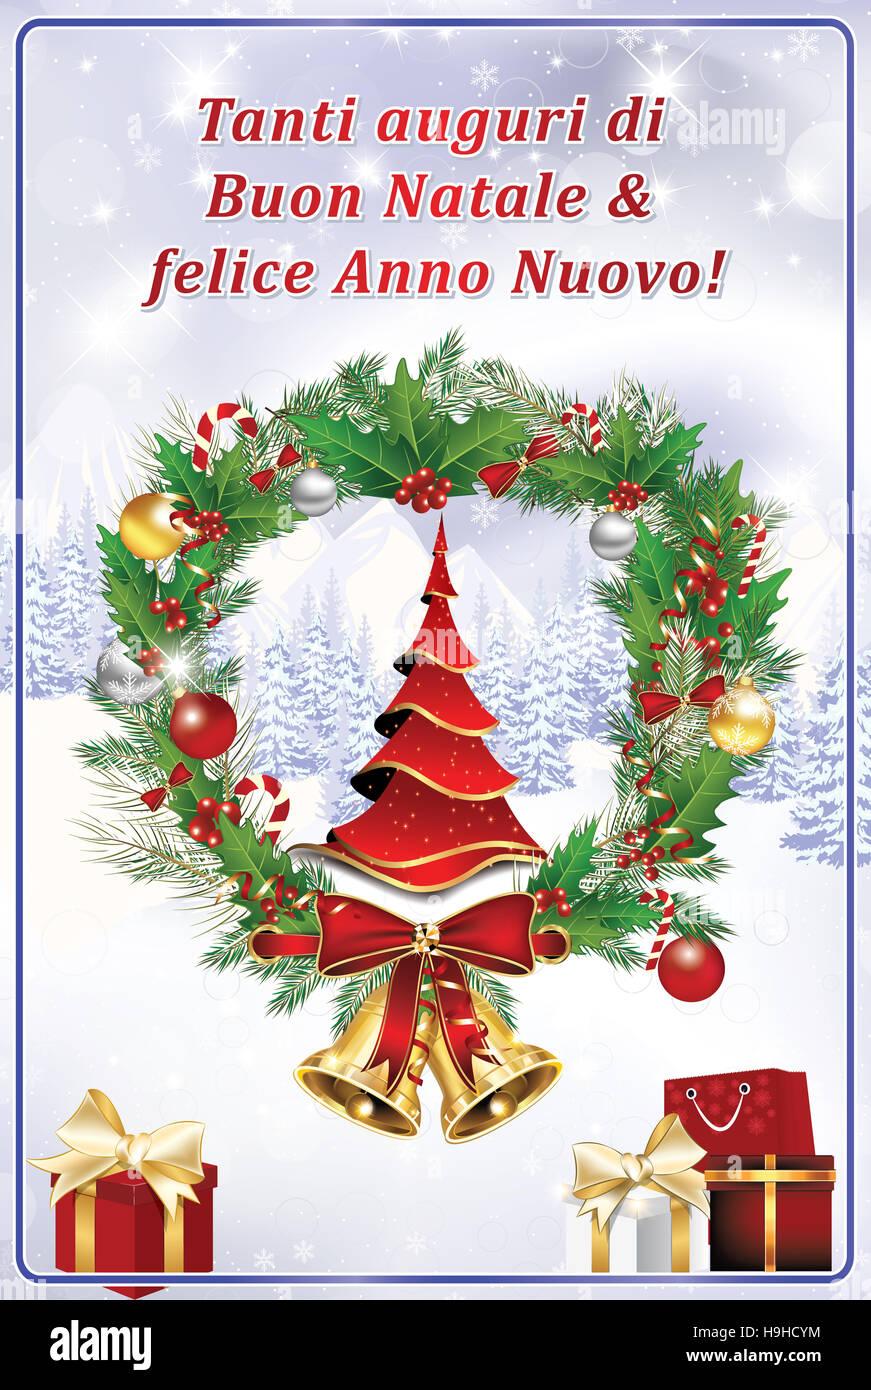 Biglietti Buon Natale.Tanti Auguri Di Buon Natale E Felice Anno Nuovo Biglietto D Auguri Colori Di Stampa Fotografia De Stock Alamy